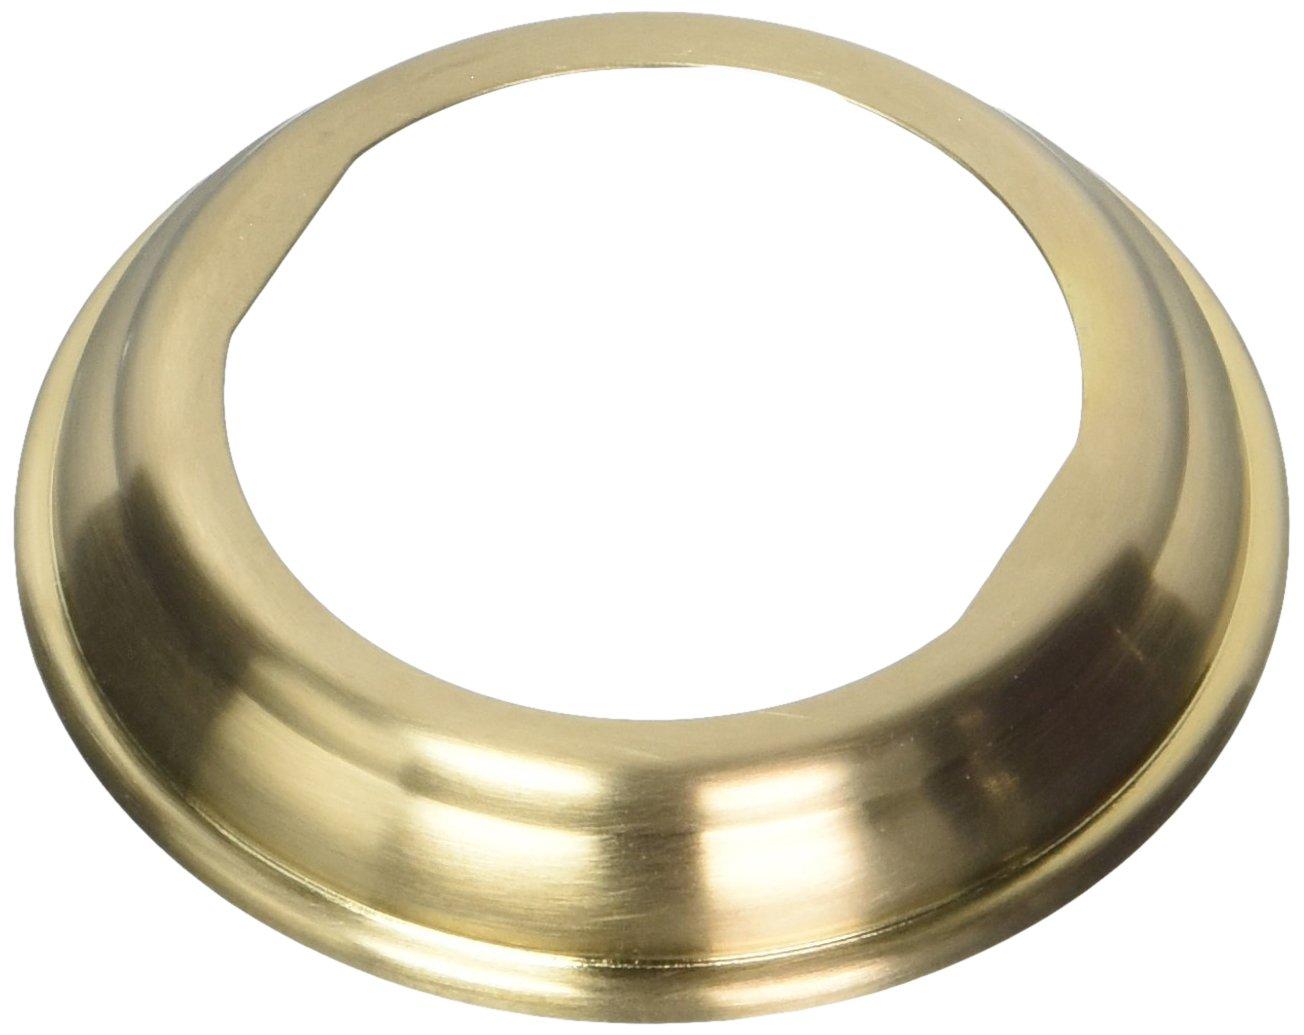 Delta Faucet RP51734CZ Vero Drain Flange - Bathroom, Champagne Bronze by DELTA FAUCET